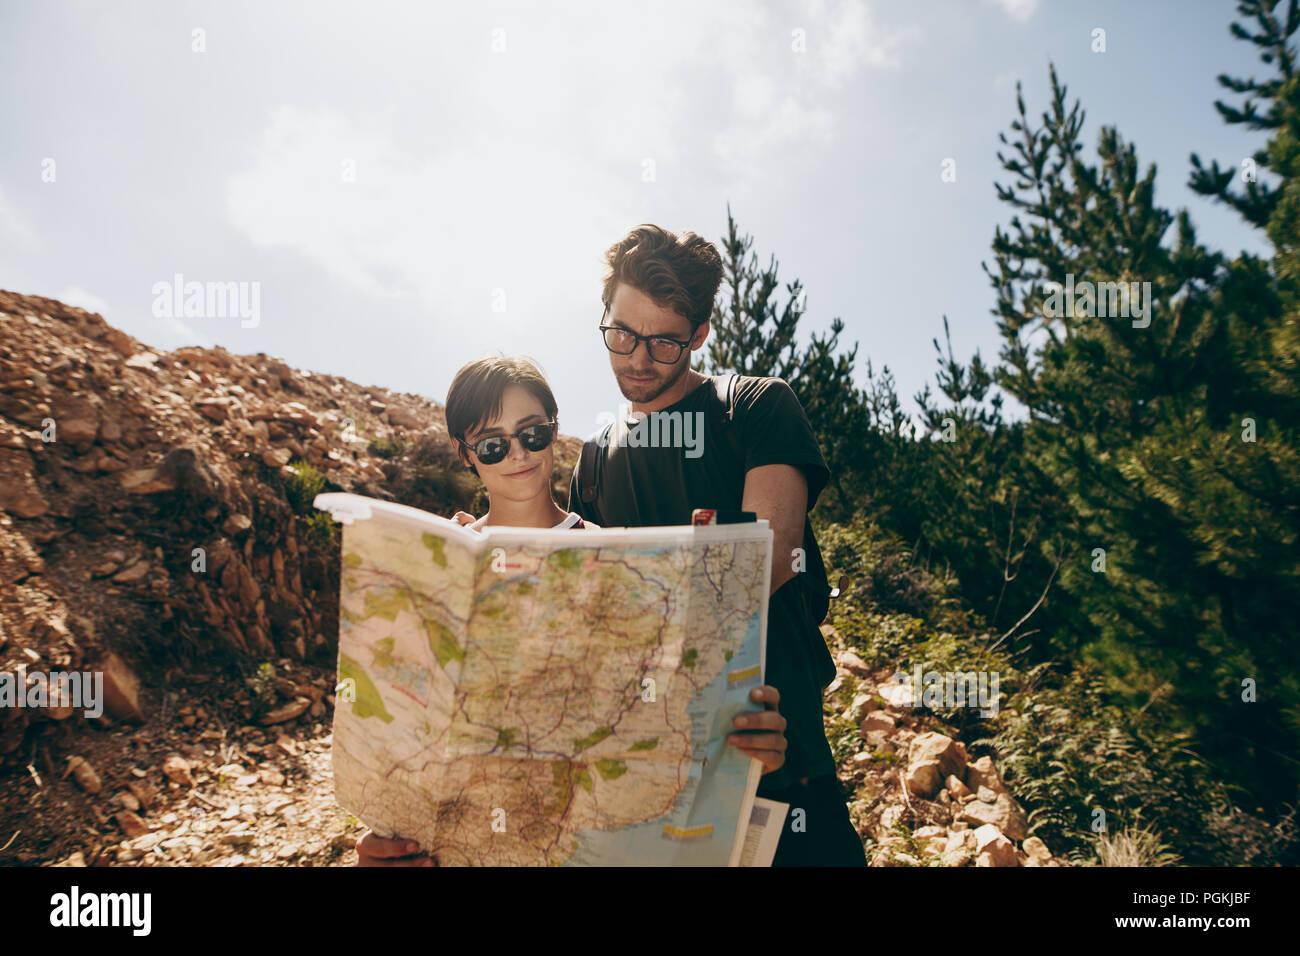 El hombre y la mujer sosteniendo un mapa de navegación durante una excursión en un bosque. Pareja de turistas con un mapa para encontrar la ruta a su destino. Imagen De Stock